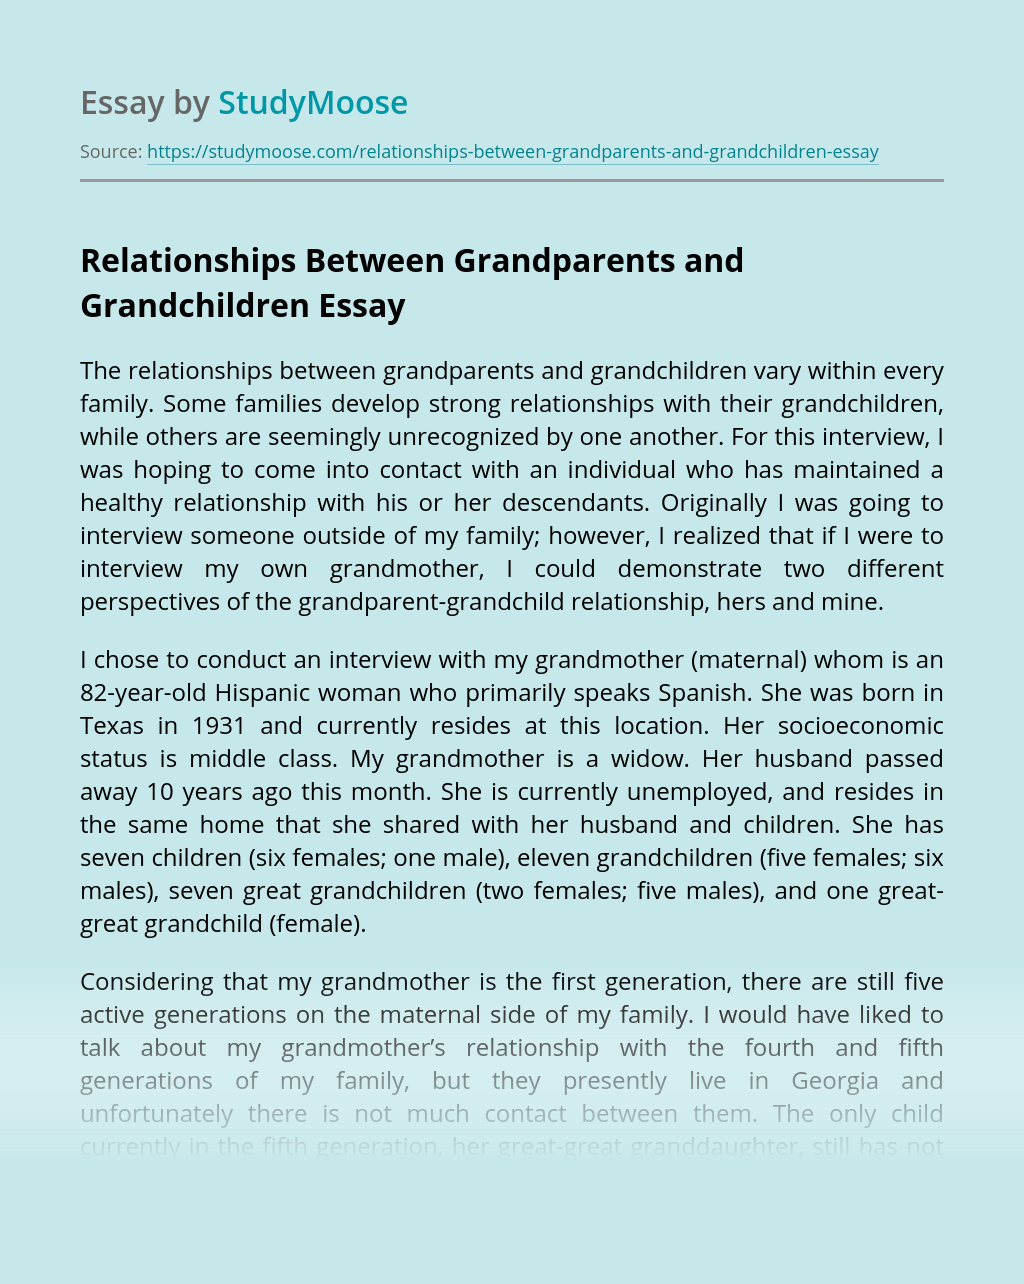 Relationships Between Grandparents and Grandchildren